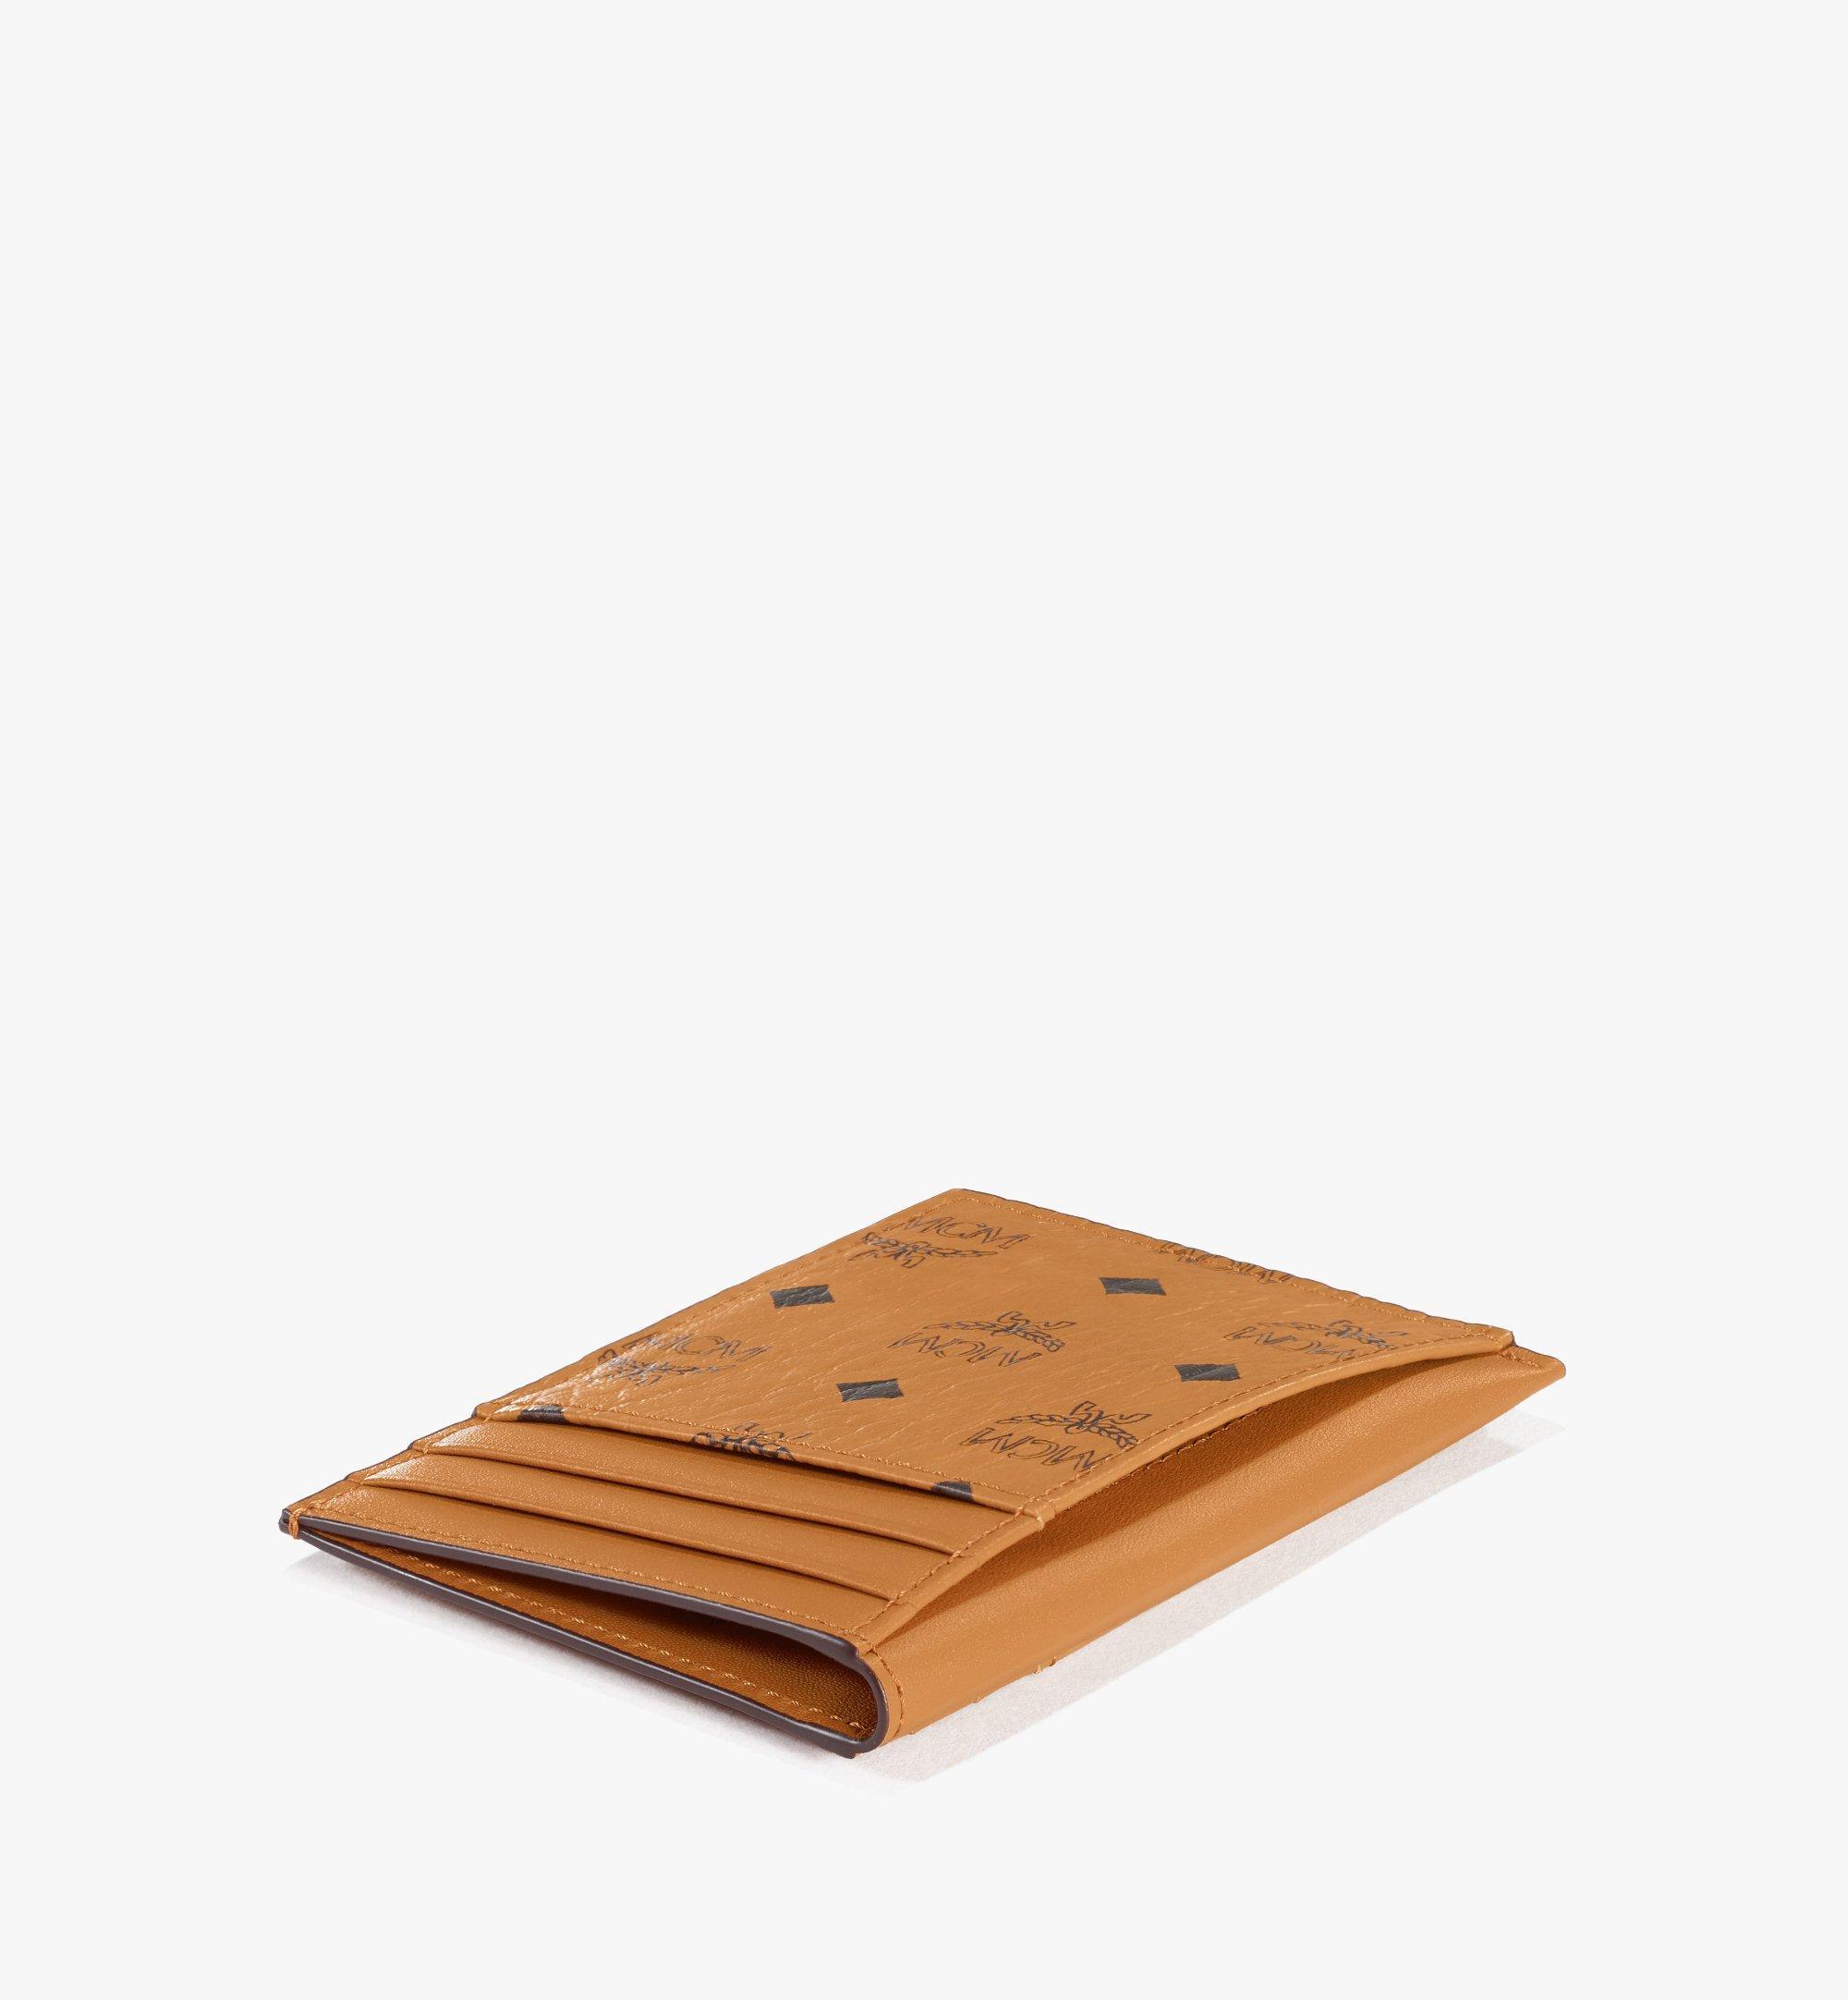 MCM N/S Card Case in Visetos Original Cognac MXAAAVI03CO001 Alternate View 2